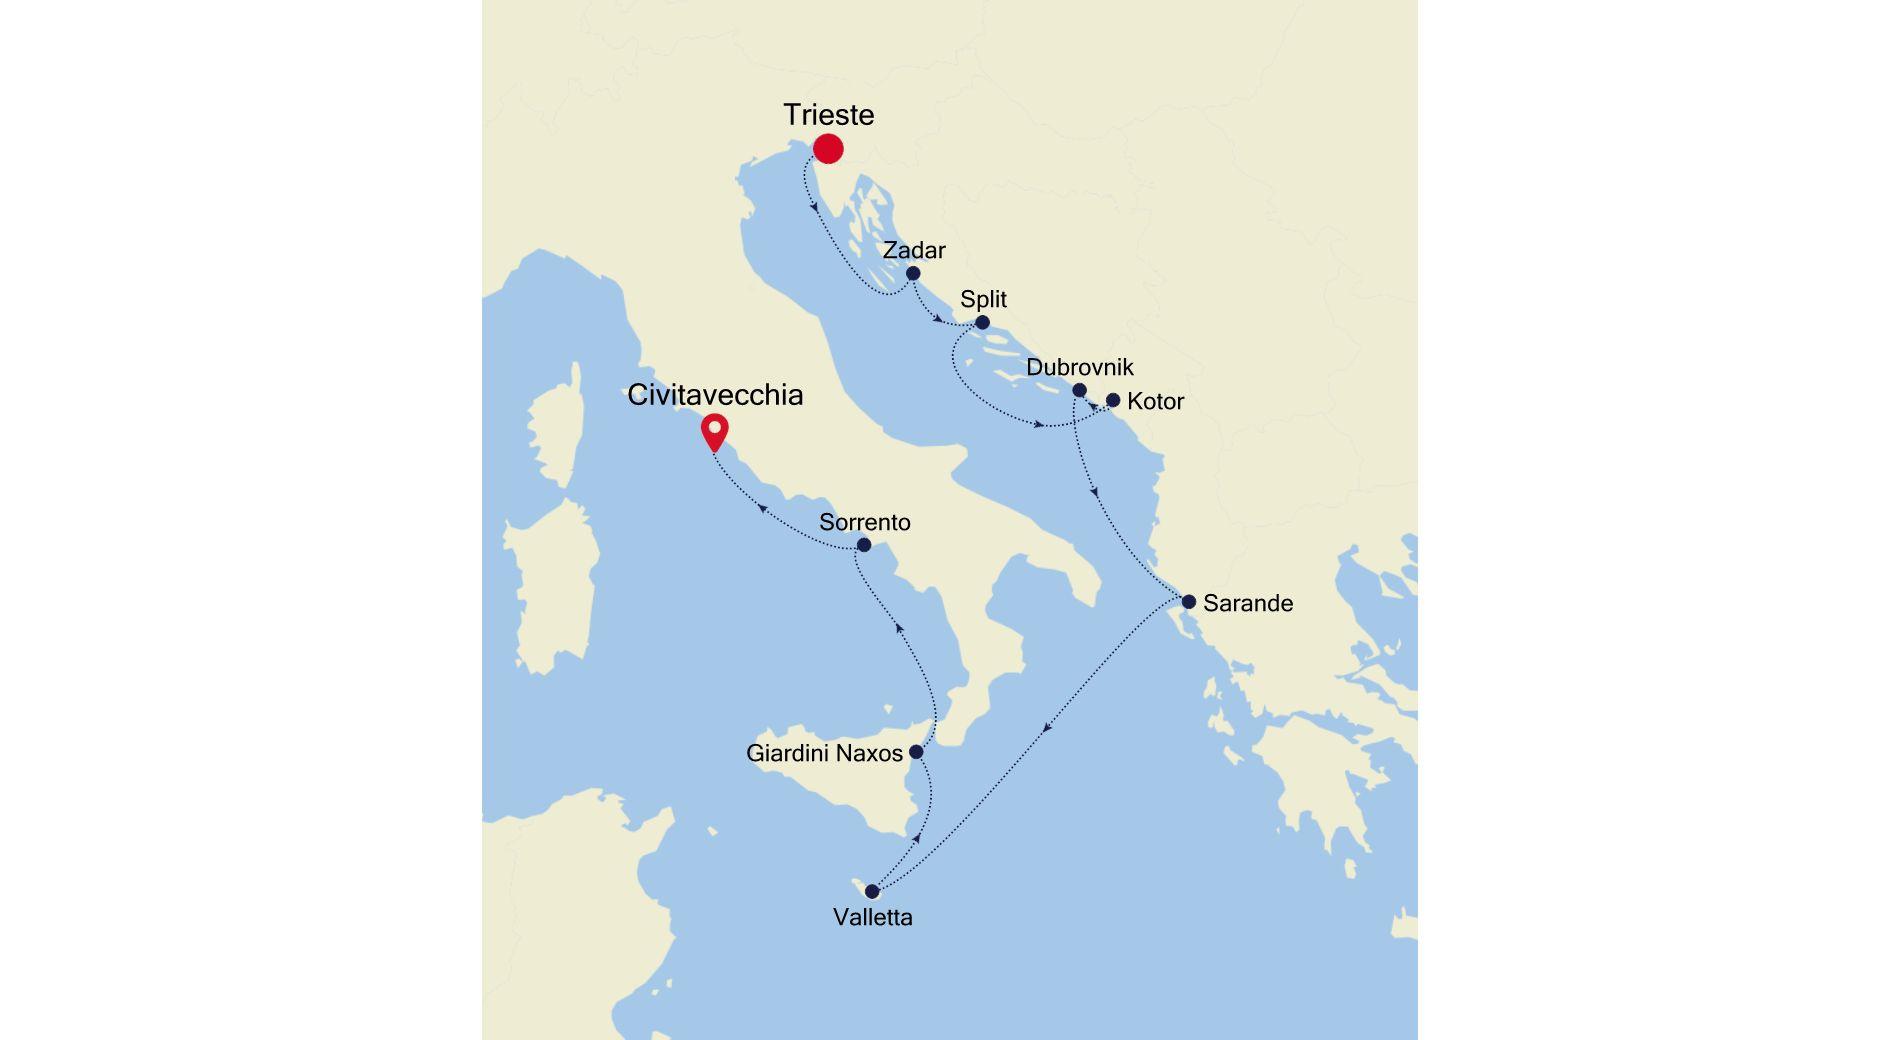 MO200806011 - Trieste to Civitavecchia